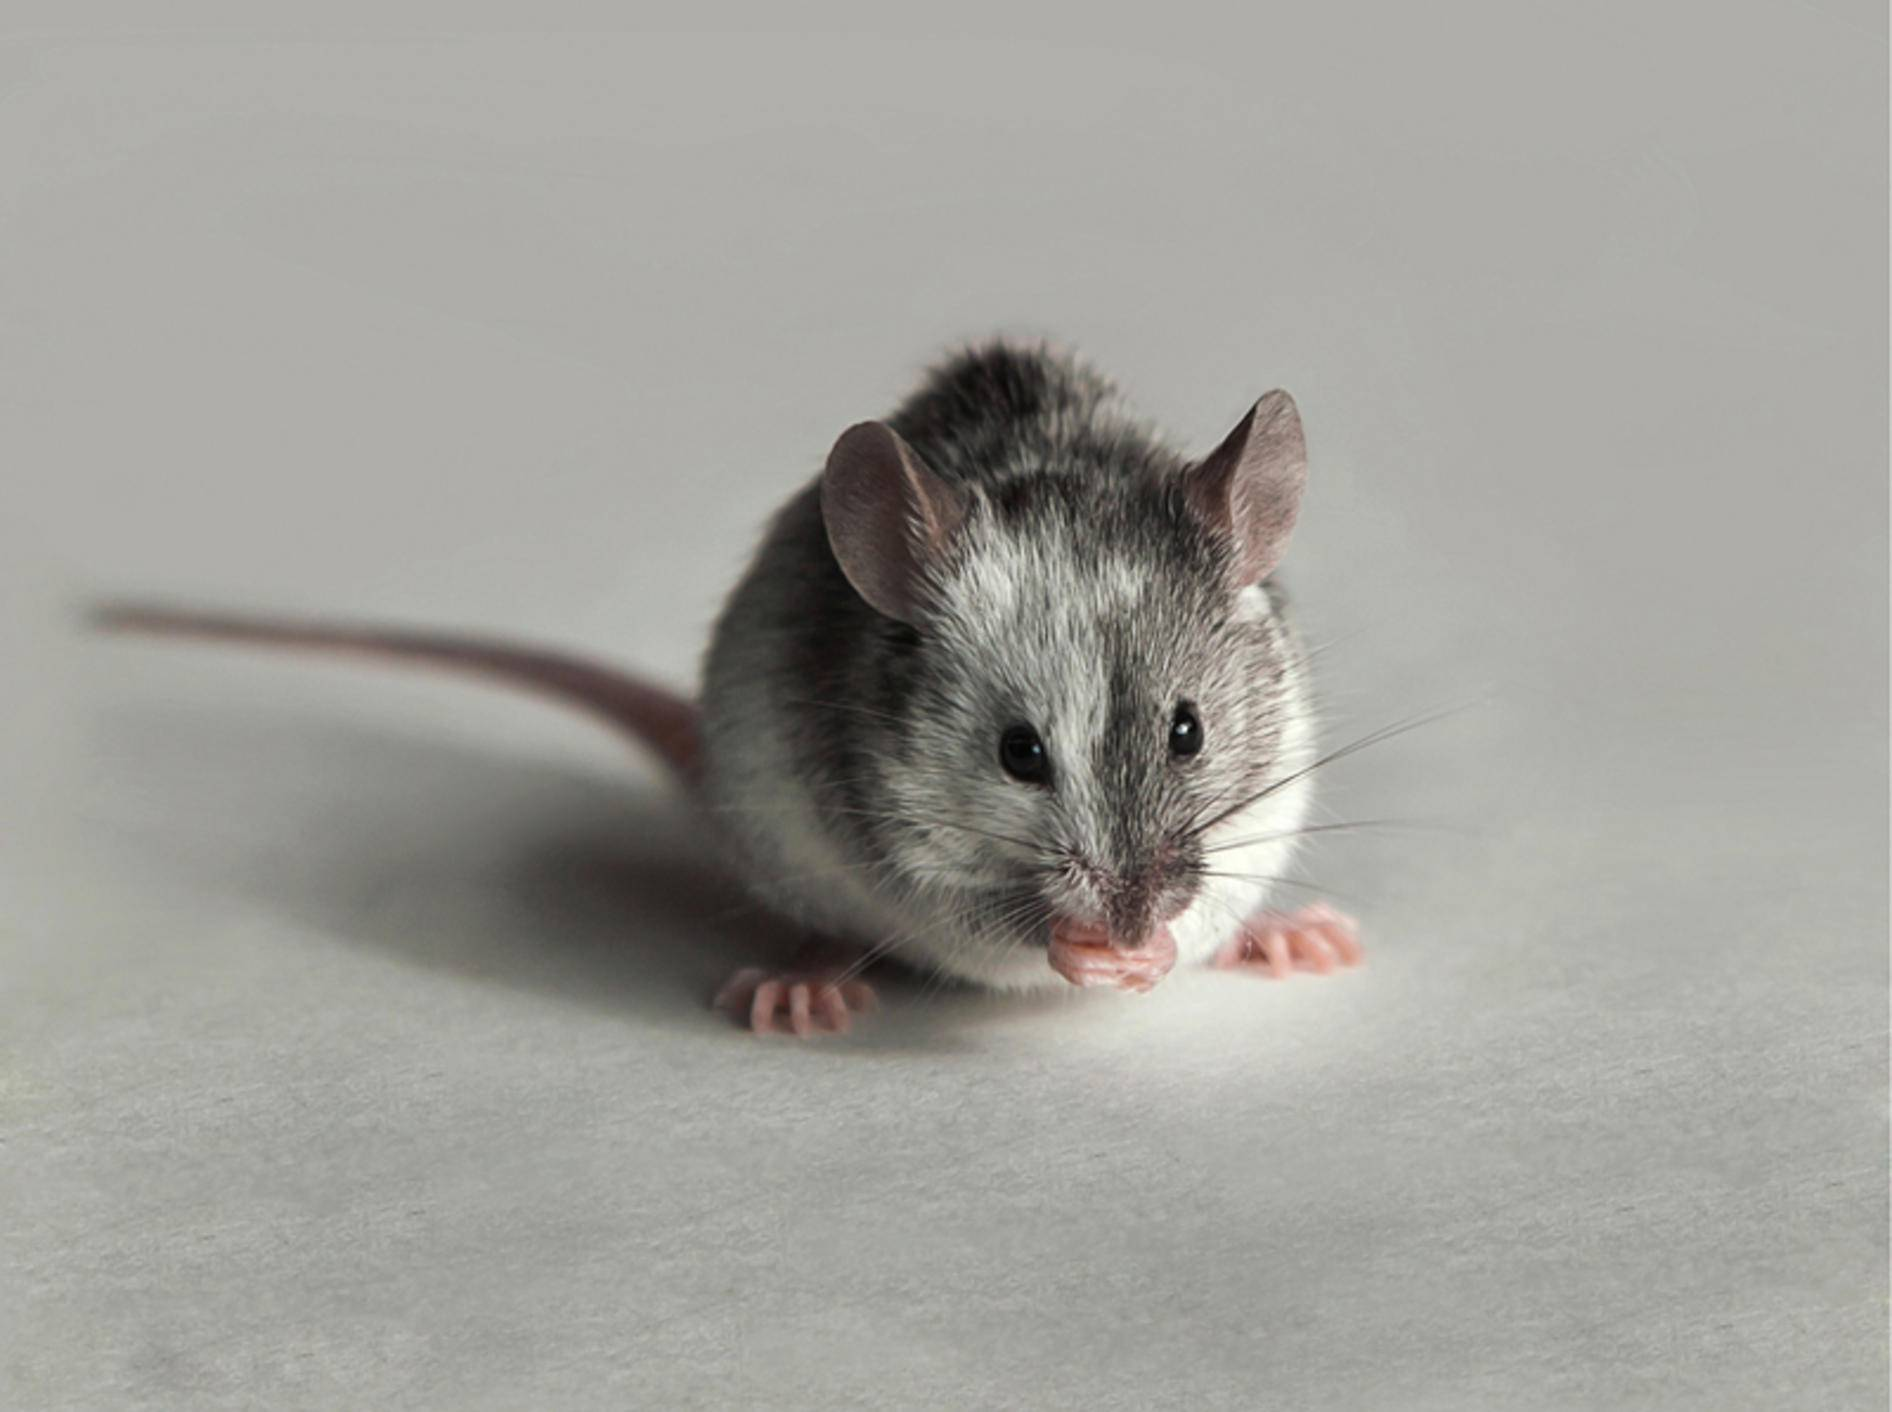 Was diese kleine Maus wohl zwischen ihren Pfoten hält? Es scheint ihr jedenfalls zu schmecken – Shutterstock / Nature Art